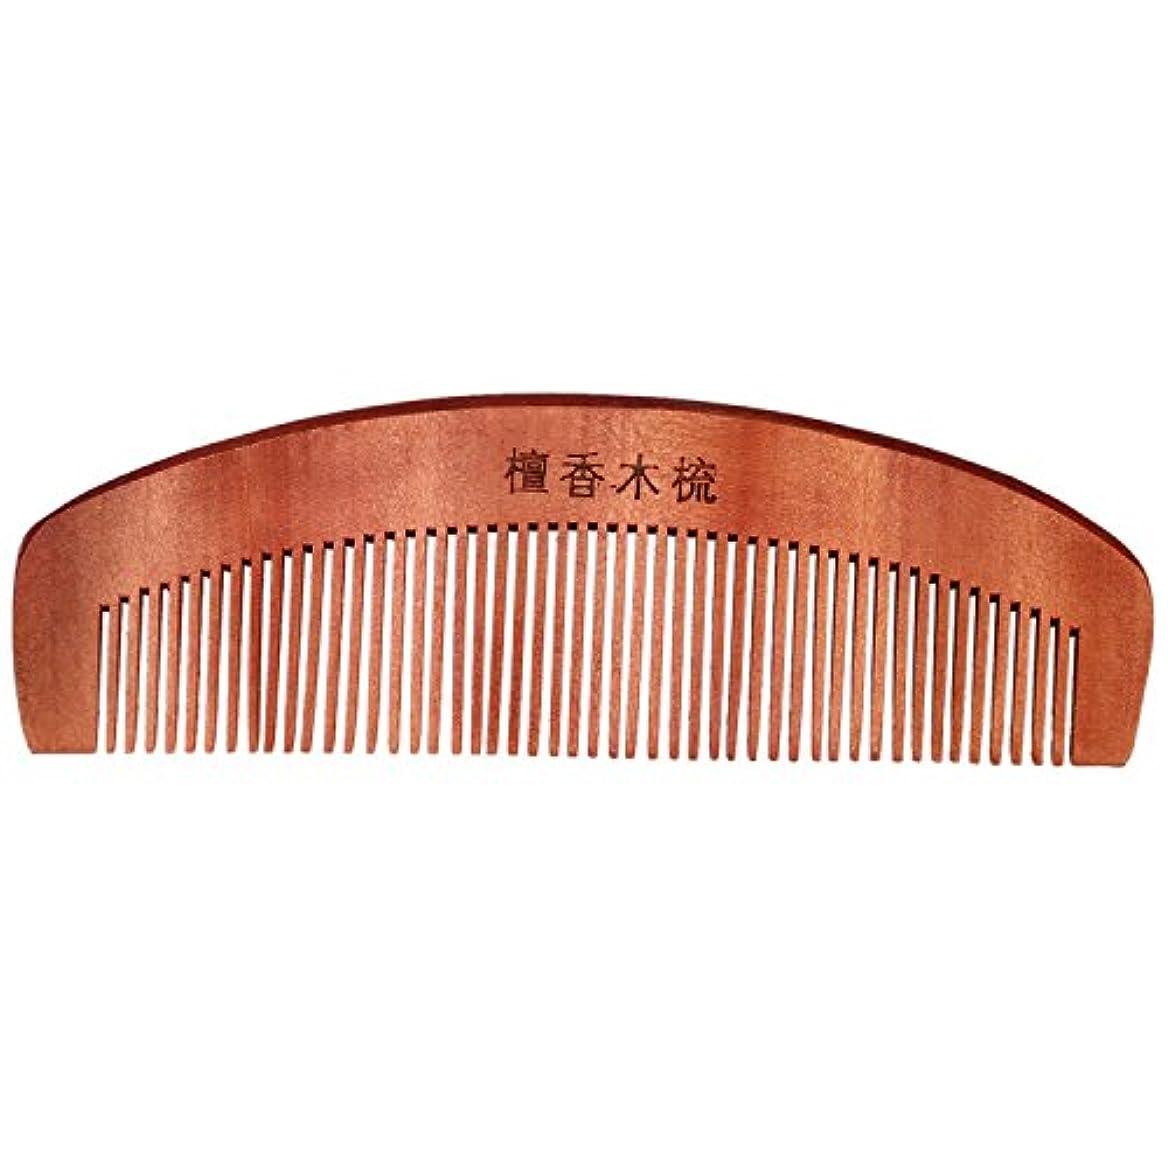 ぼろ疑いオーロックくし,SODIAL(R)コーヒー色の香りの良い天然木木製の髪ケア理髪くし5.7